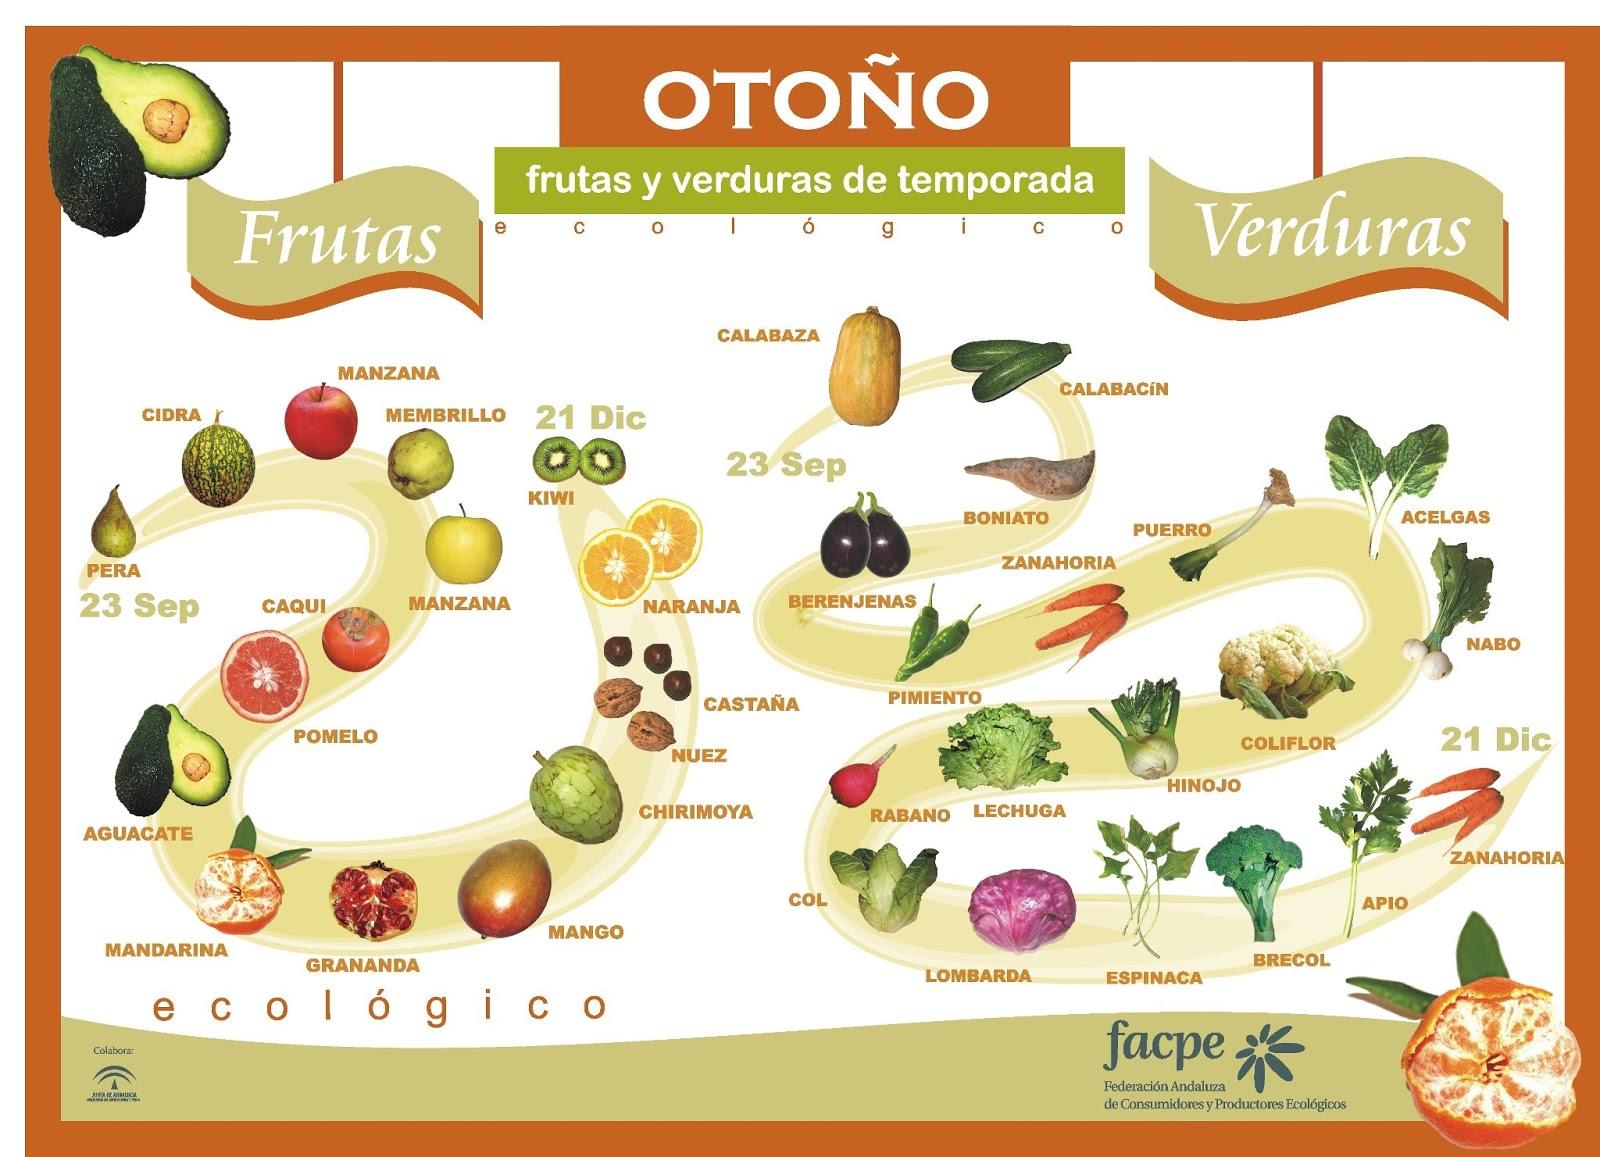 Frutos del otoño | laclasedeptdemontse